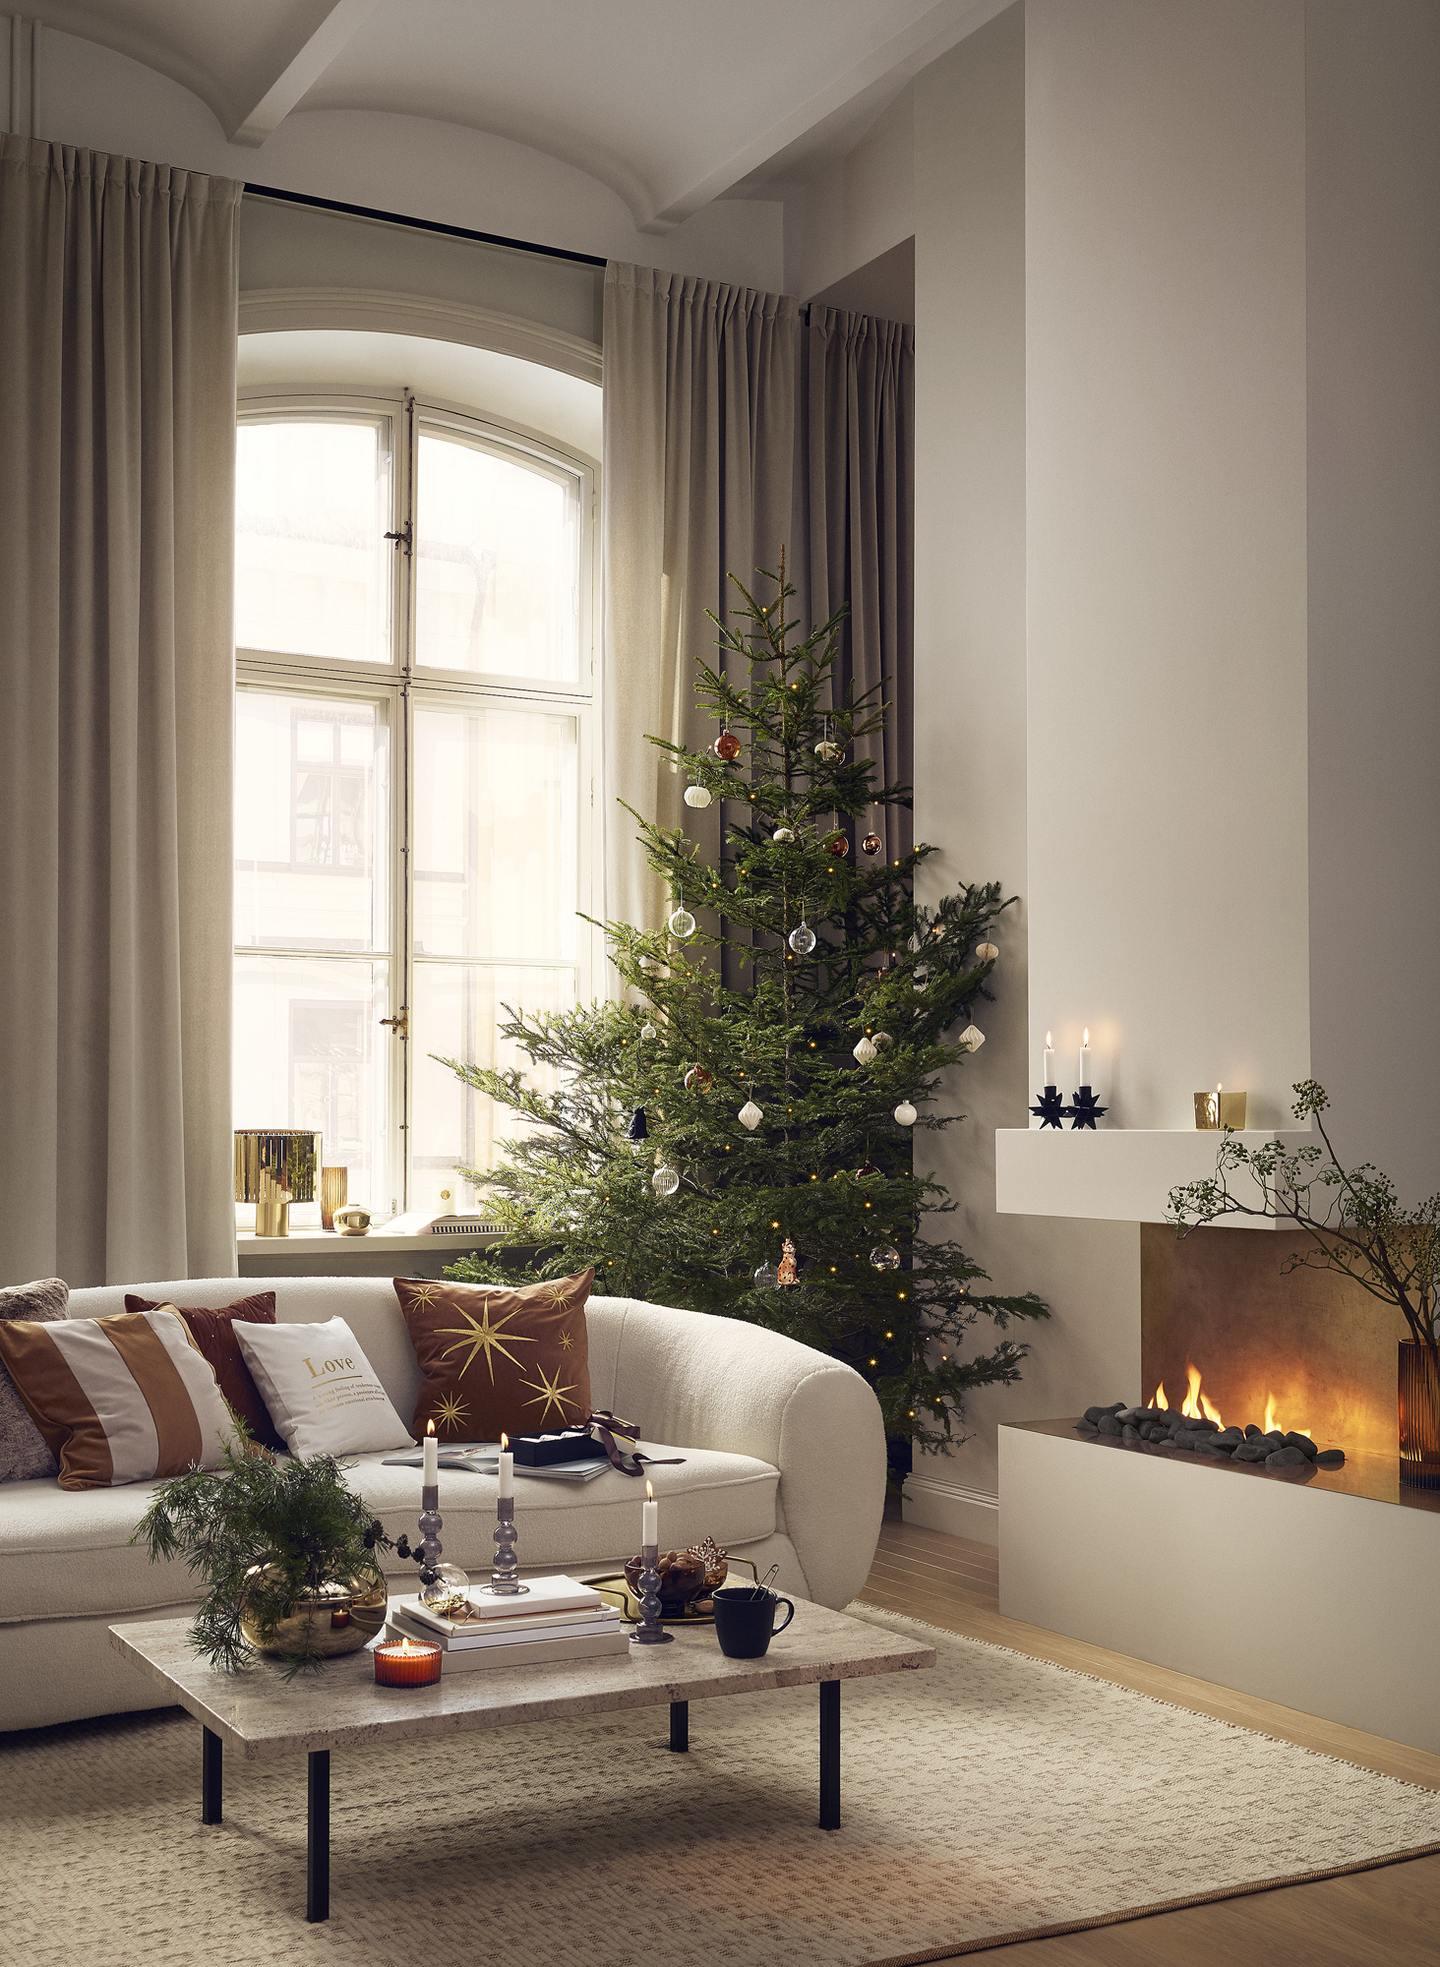 thenordroom christmas5.jpg